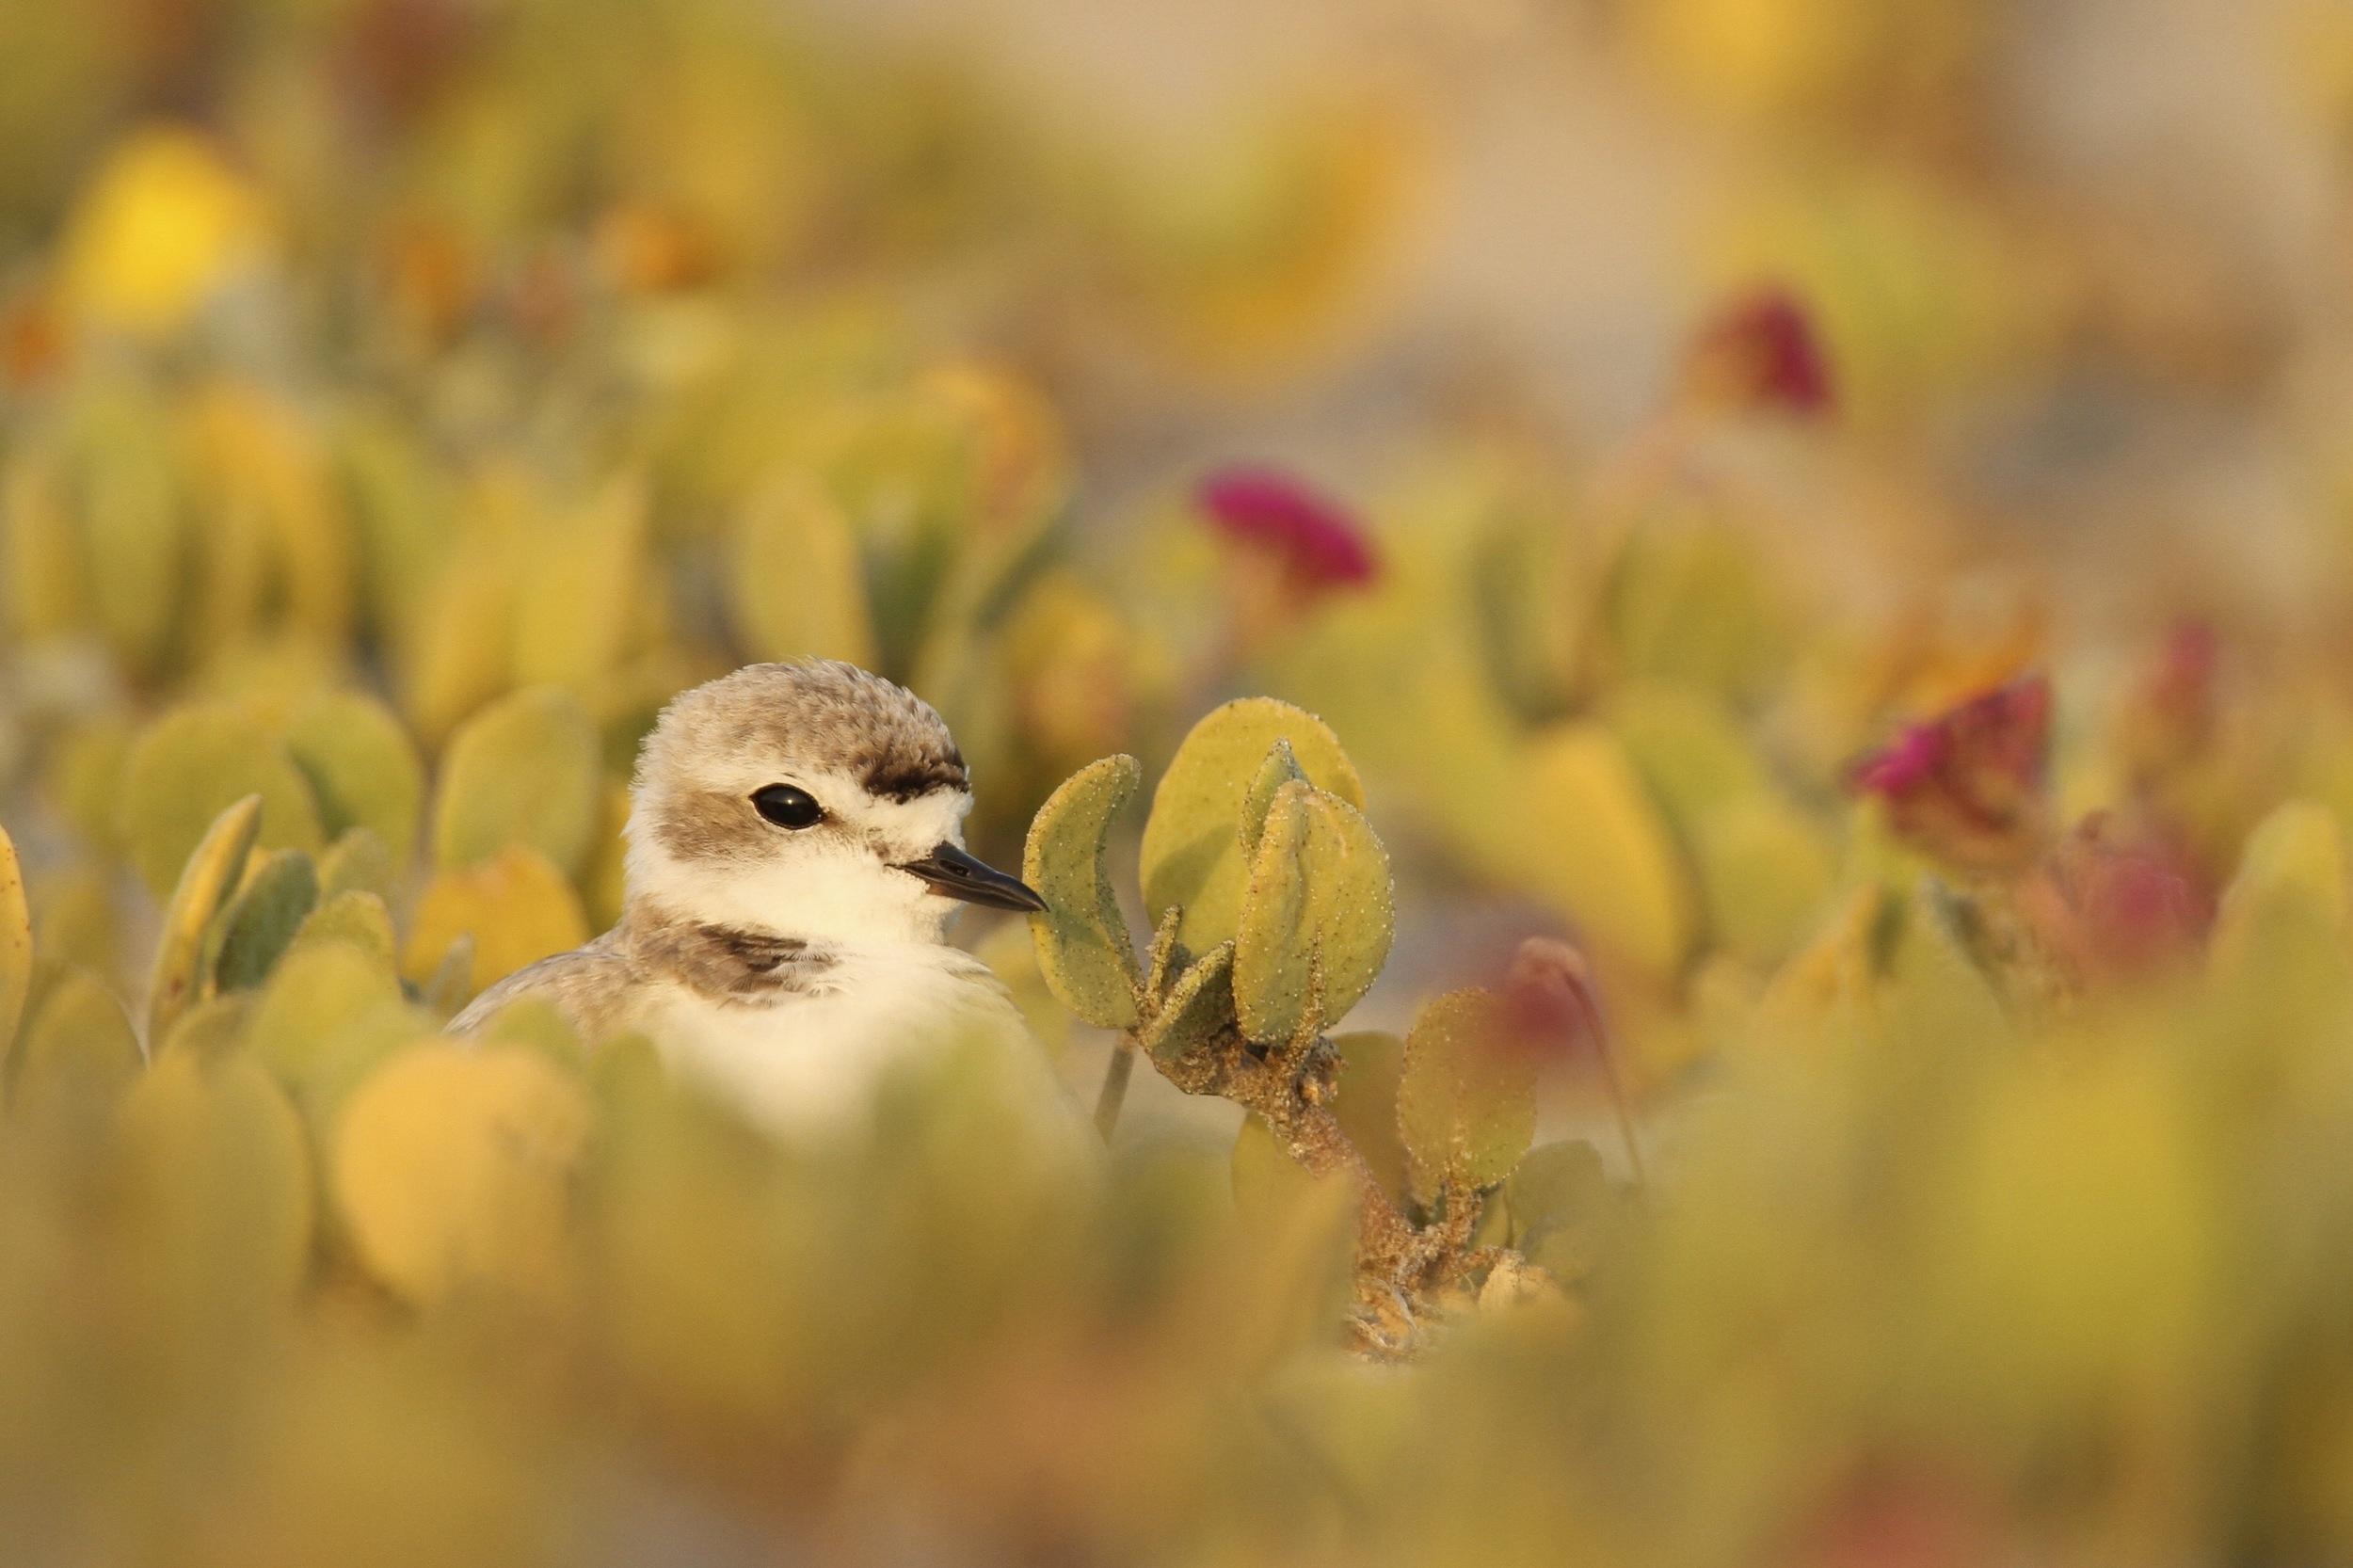 Snowy Plover on nest, Goleta, California